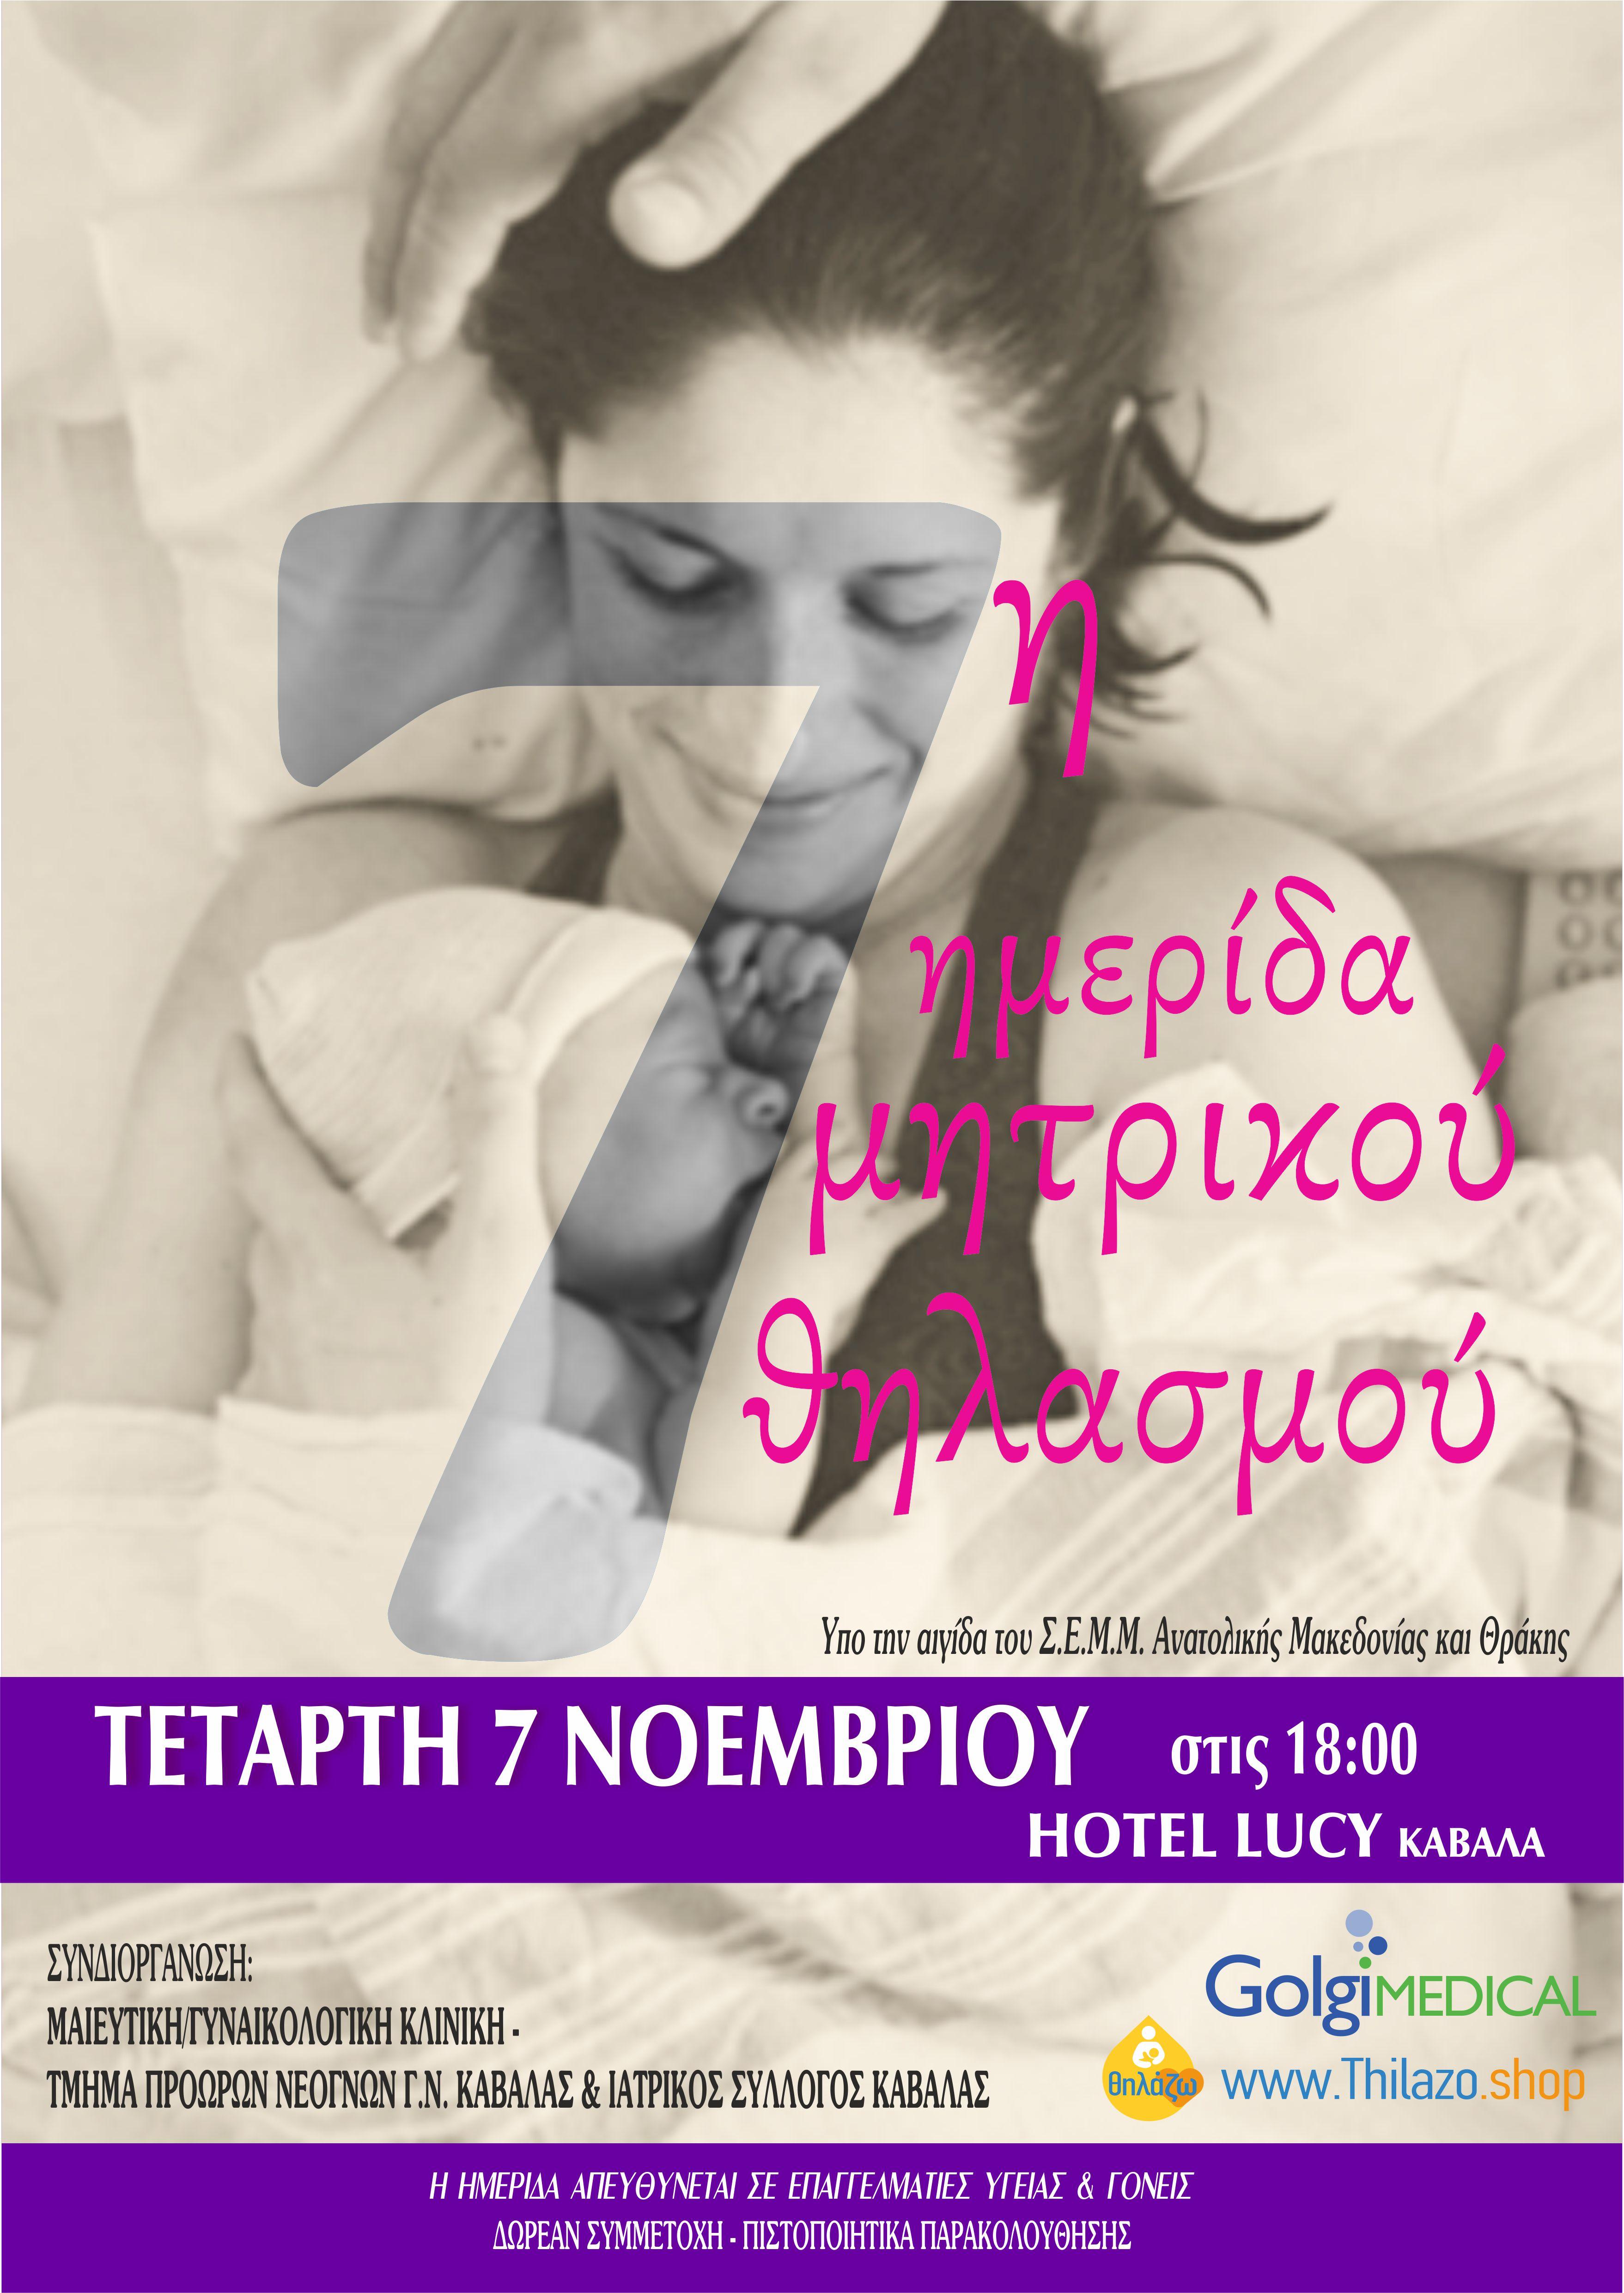 975bd9af376 Ημερίδα για τον Θηλασμό την Τετάρτη 7/11 στη Καβάλα – ENANEWS.GR